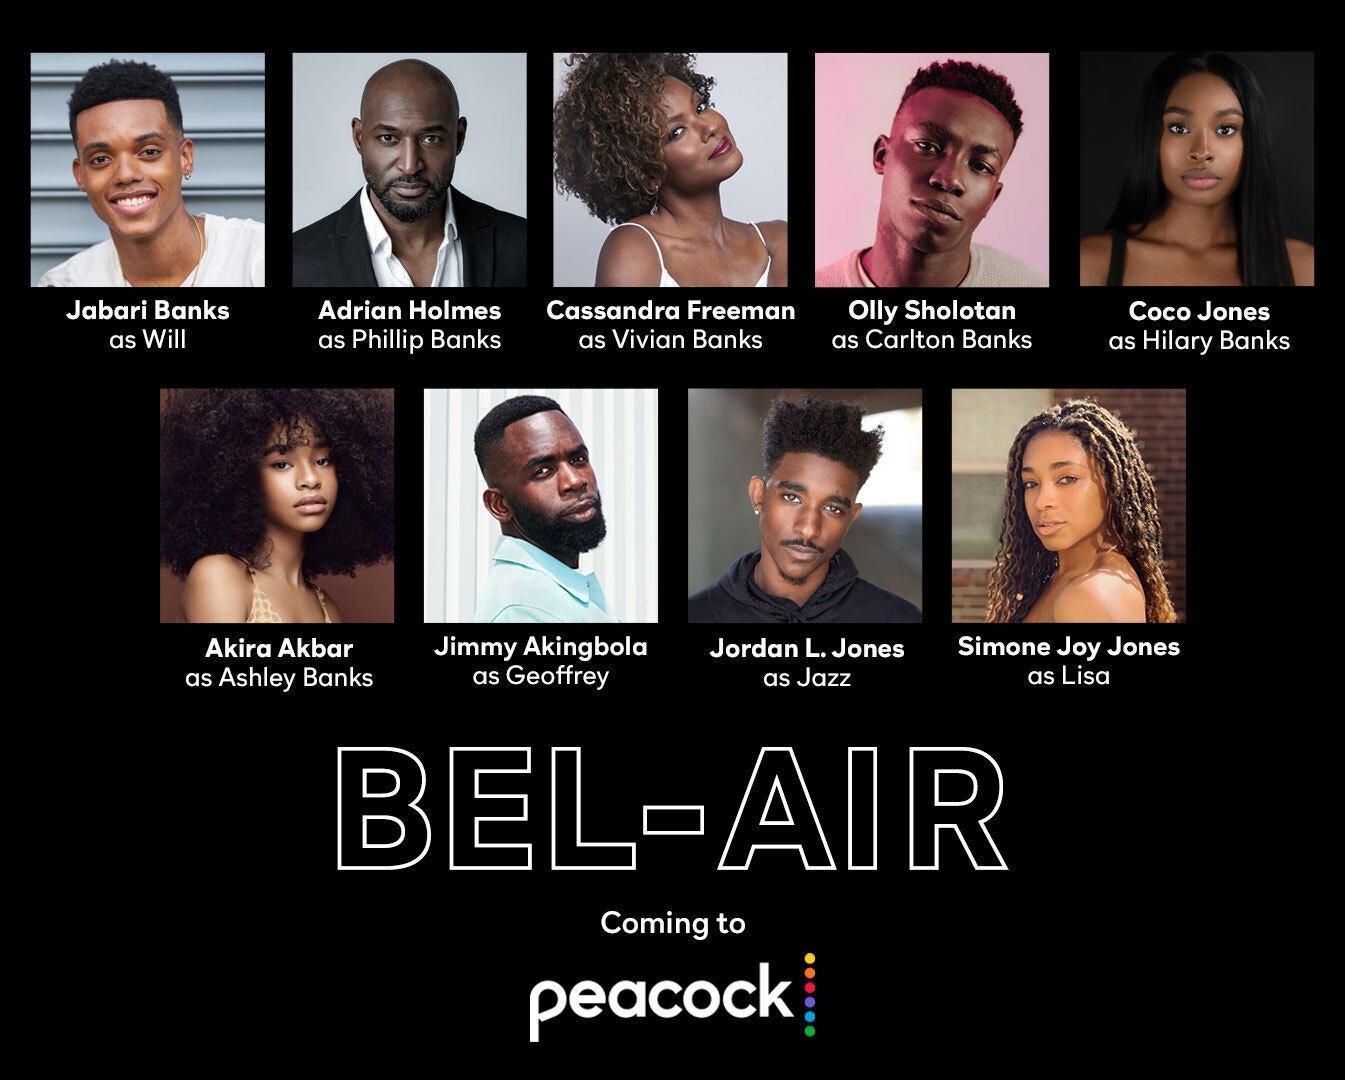 bel-air-reboot-cast-announced-by-peacock.jpg